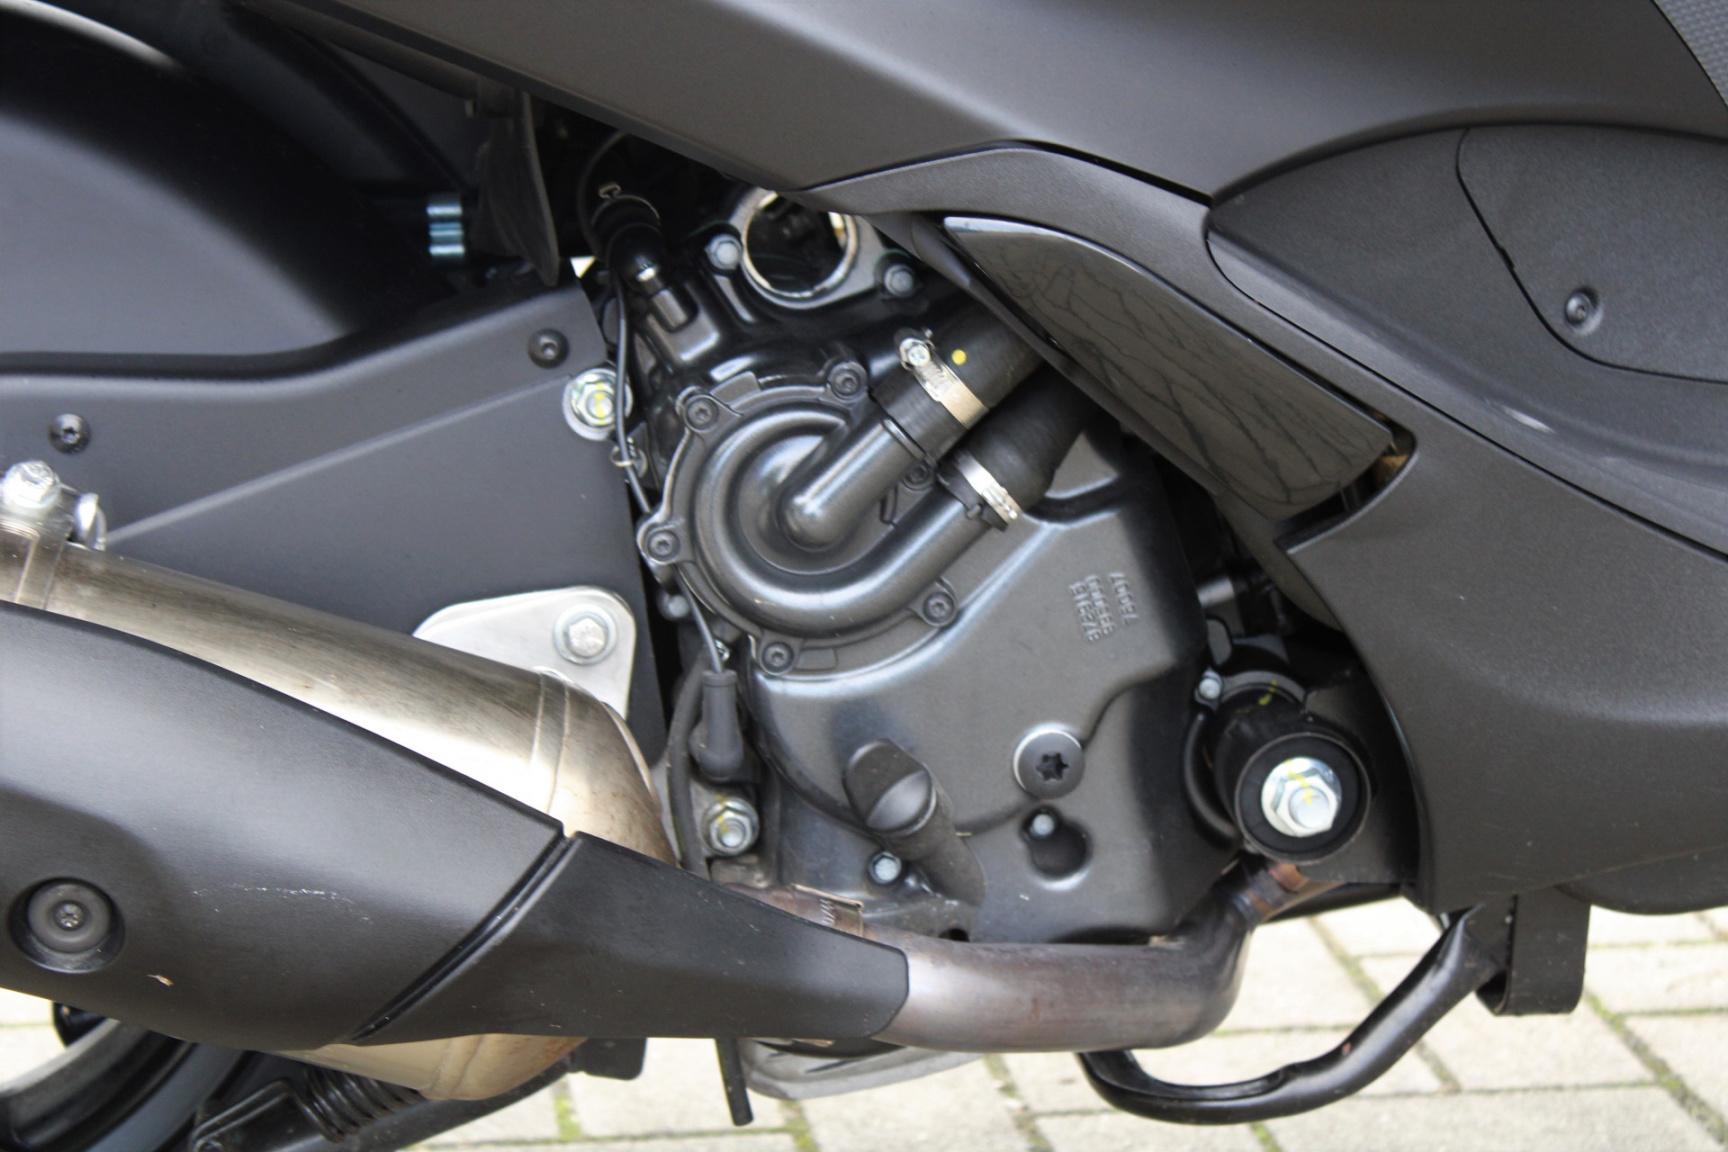 Piaggio-500 MP3 HPE Sport 4678KM Bouwjaar 2020-23